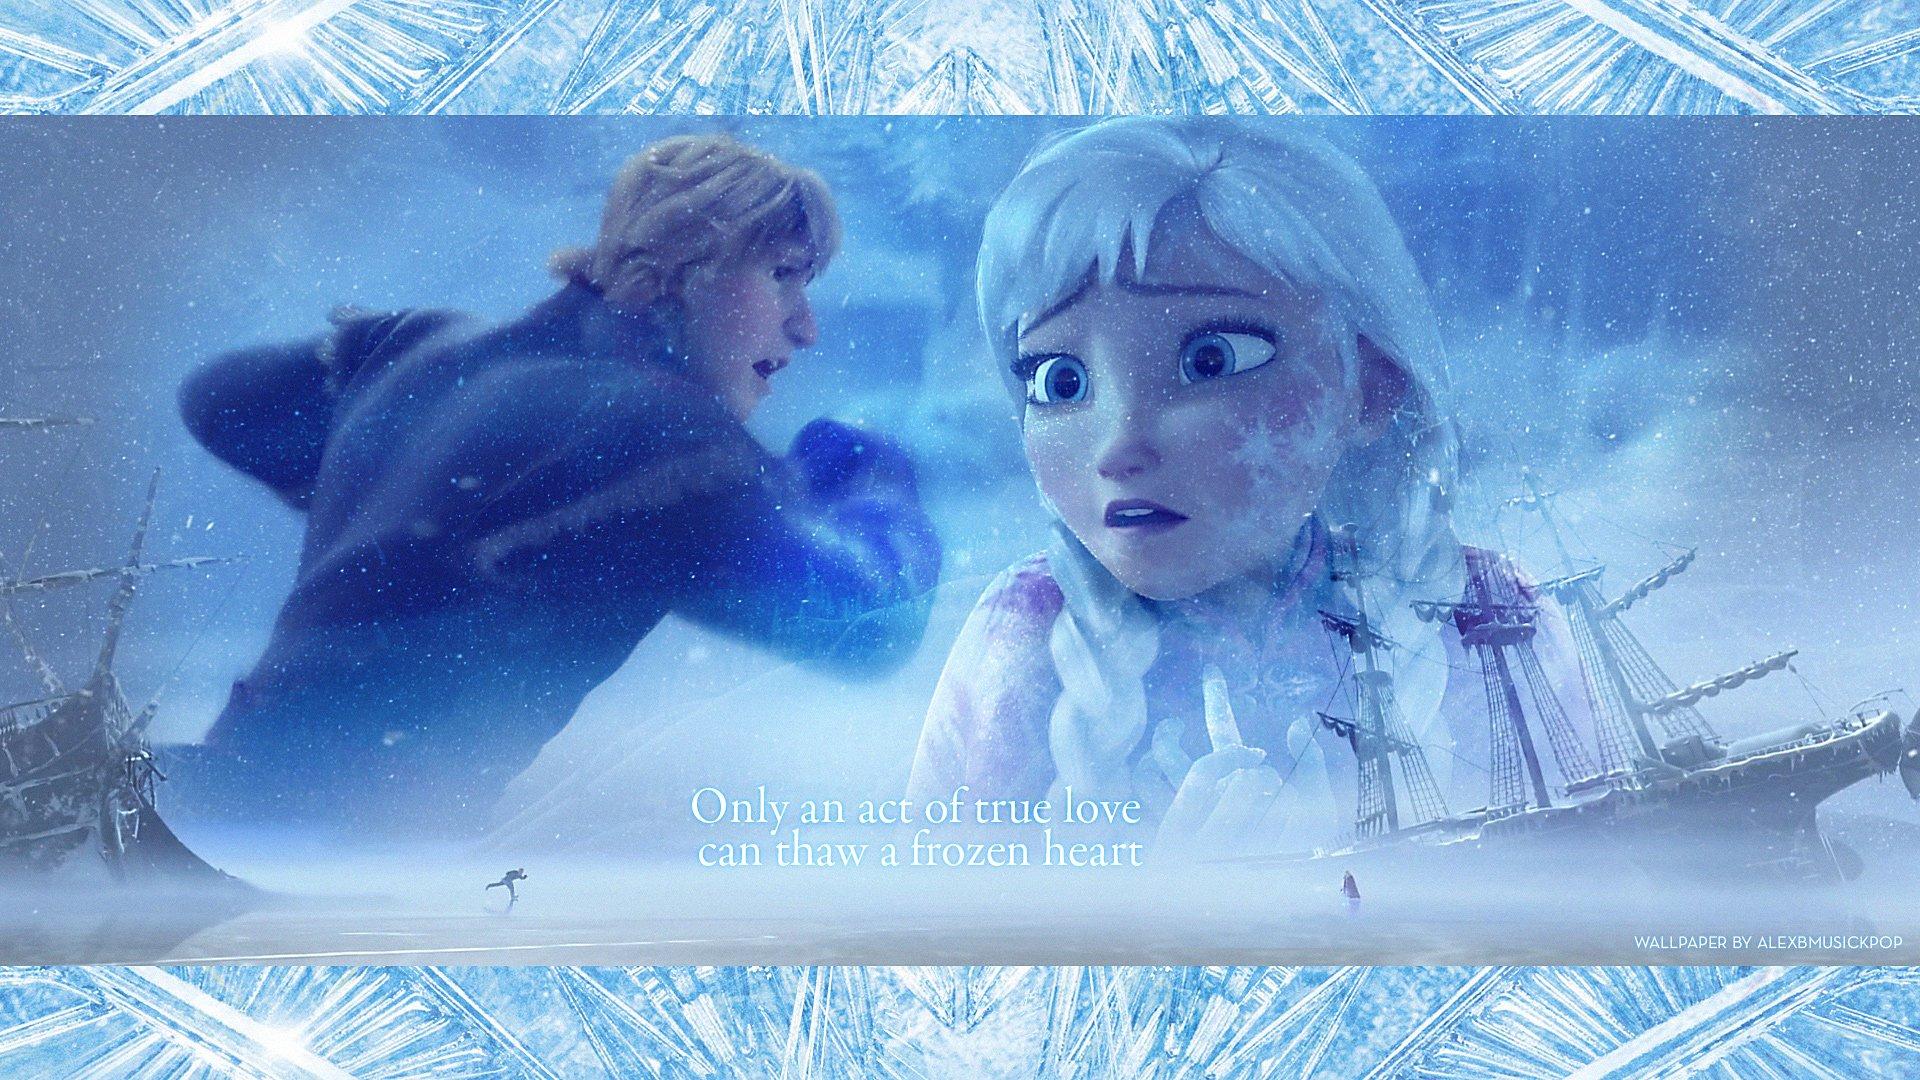 frozen movie wallpaper 1920x1080 - photo #13